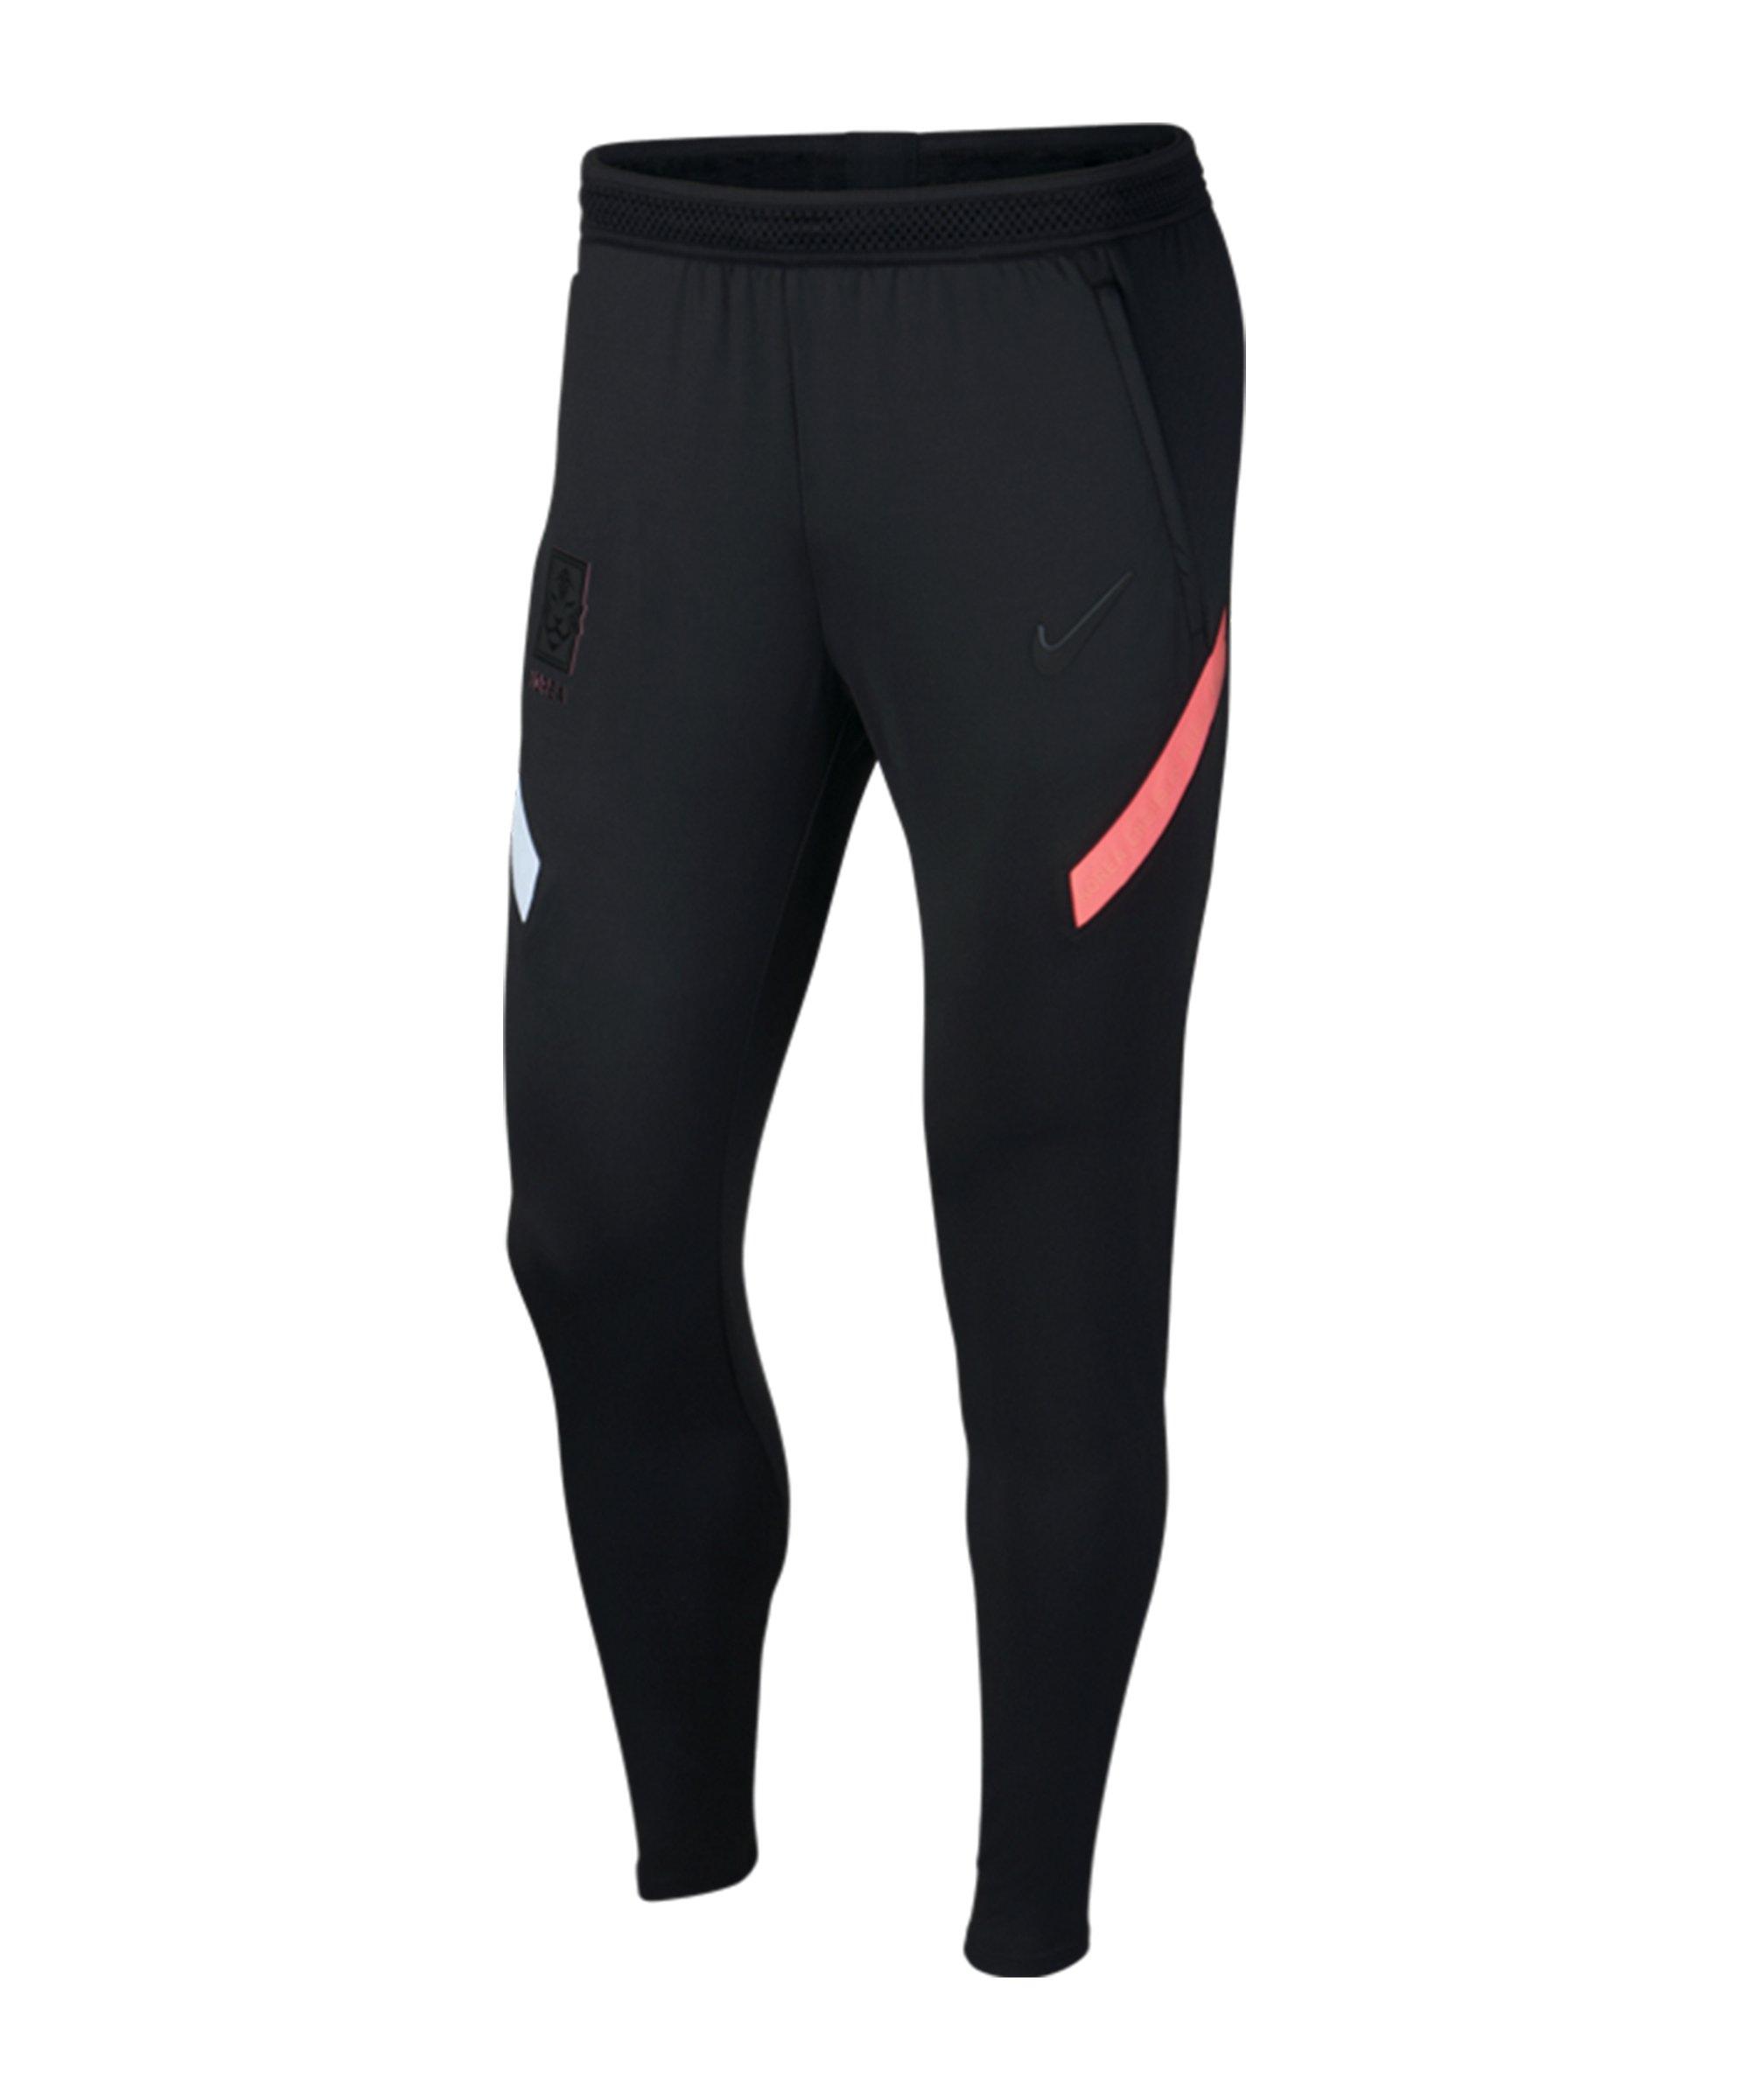 Nike Südkorea Strike Trainingshose Schwarz F010 - schwarz